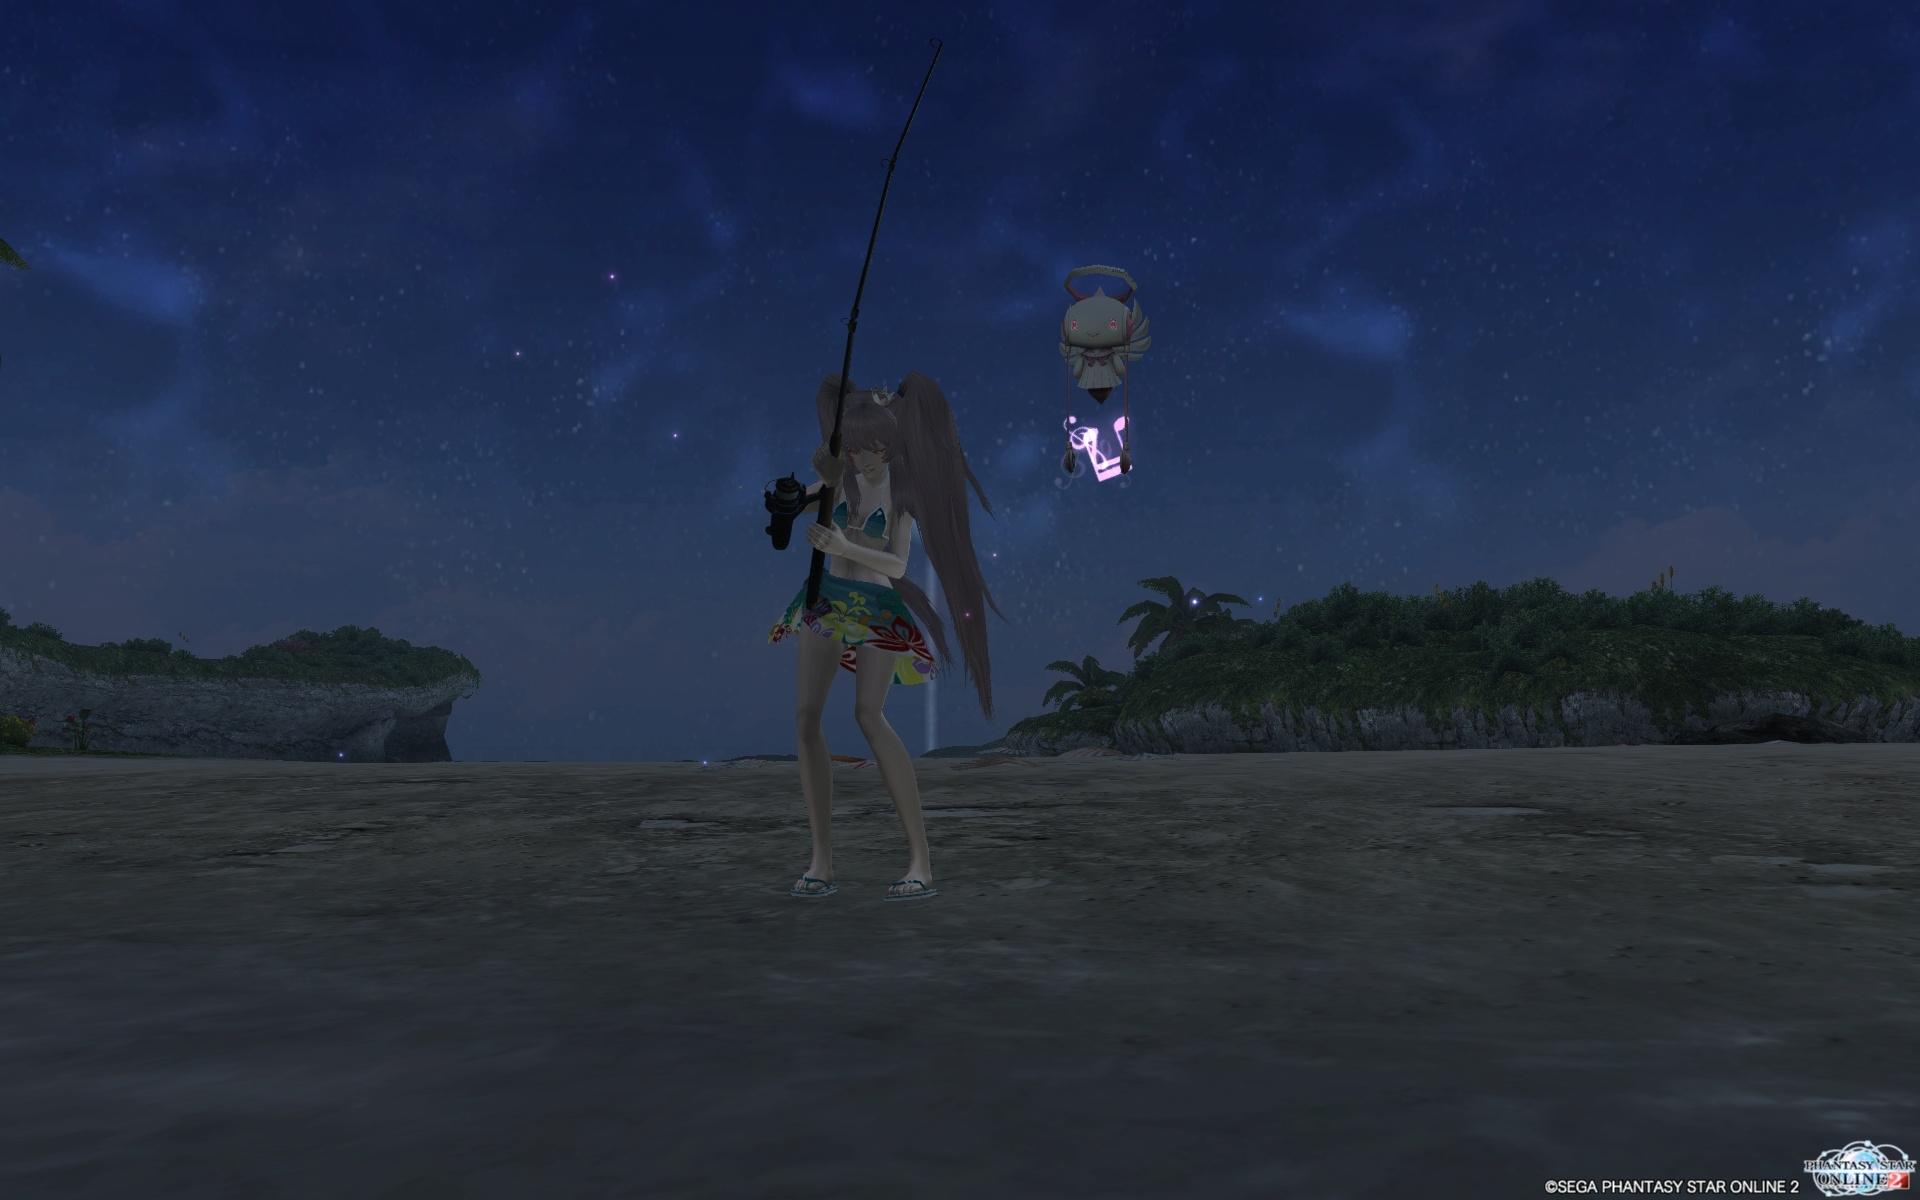 ナイトスコープ釣り02